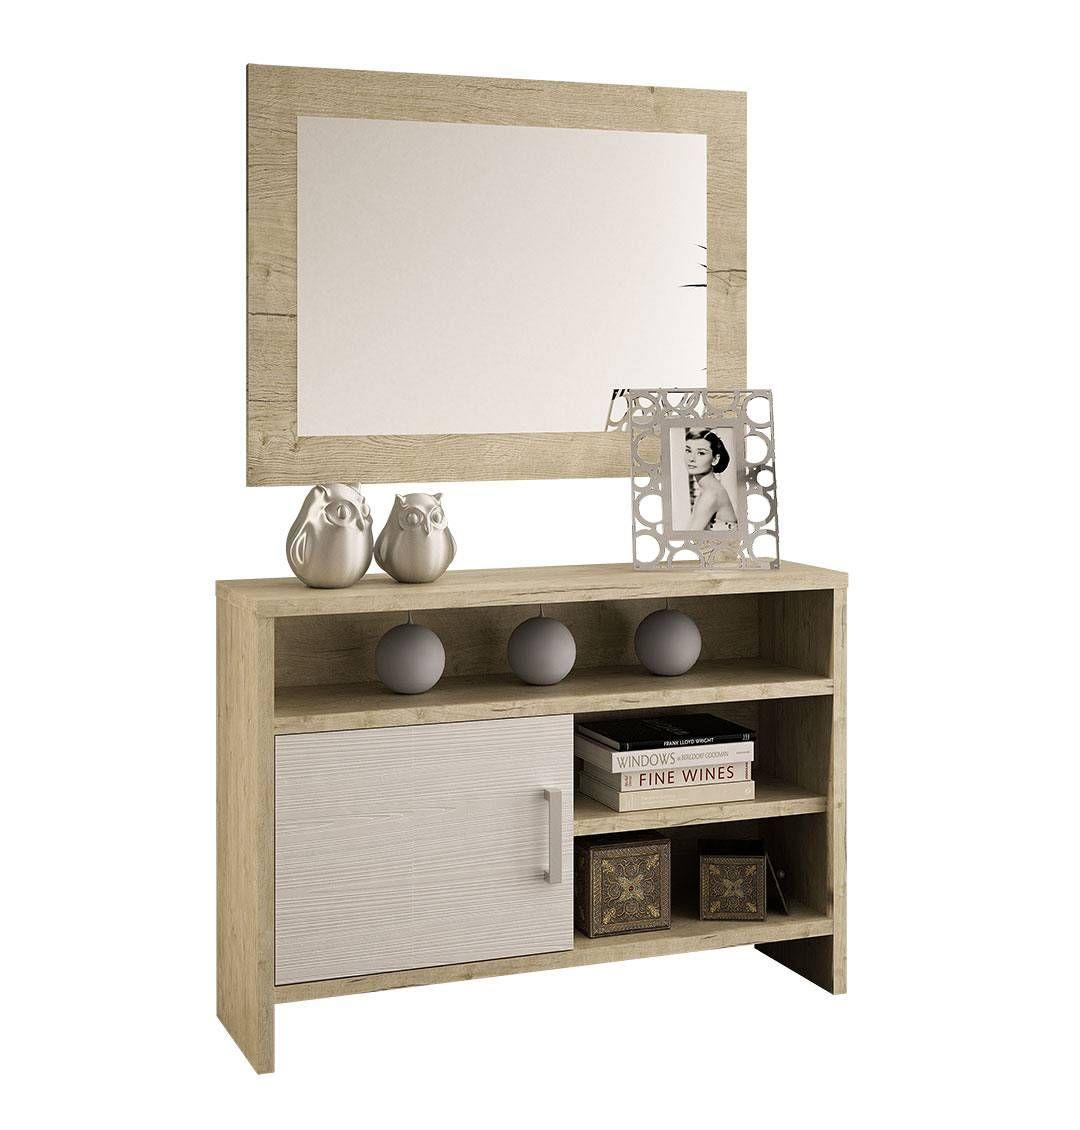 Todo Tipo De Muebles Auxiliares Para Tu Casa Mesas Sillas  # Muebles Cebollero